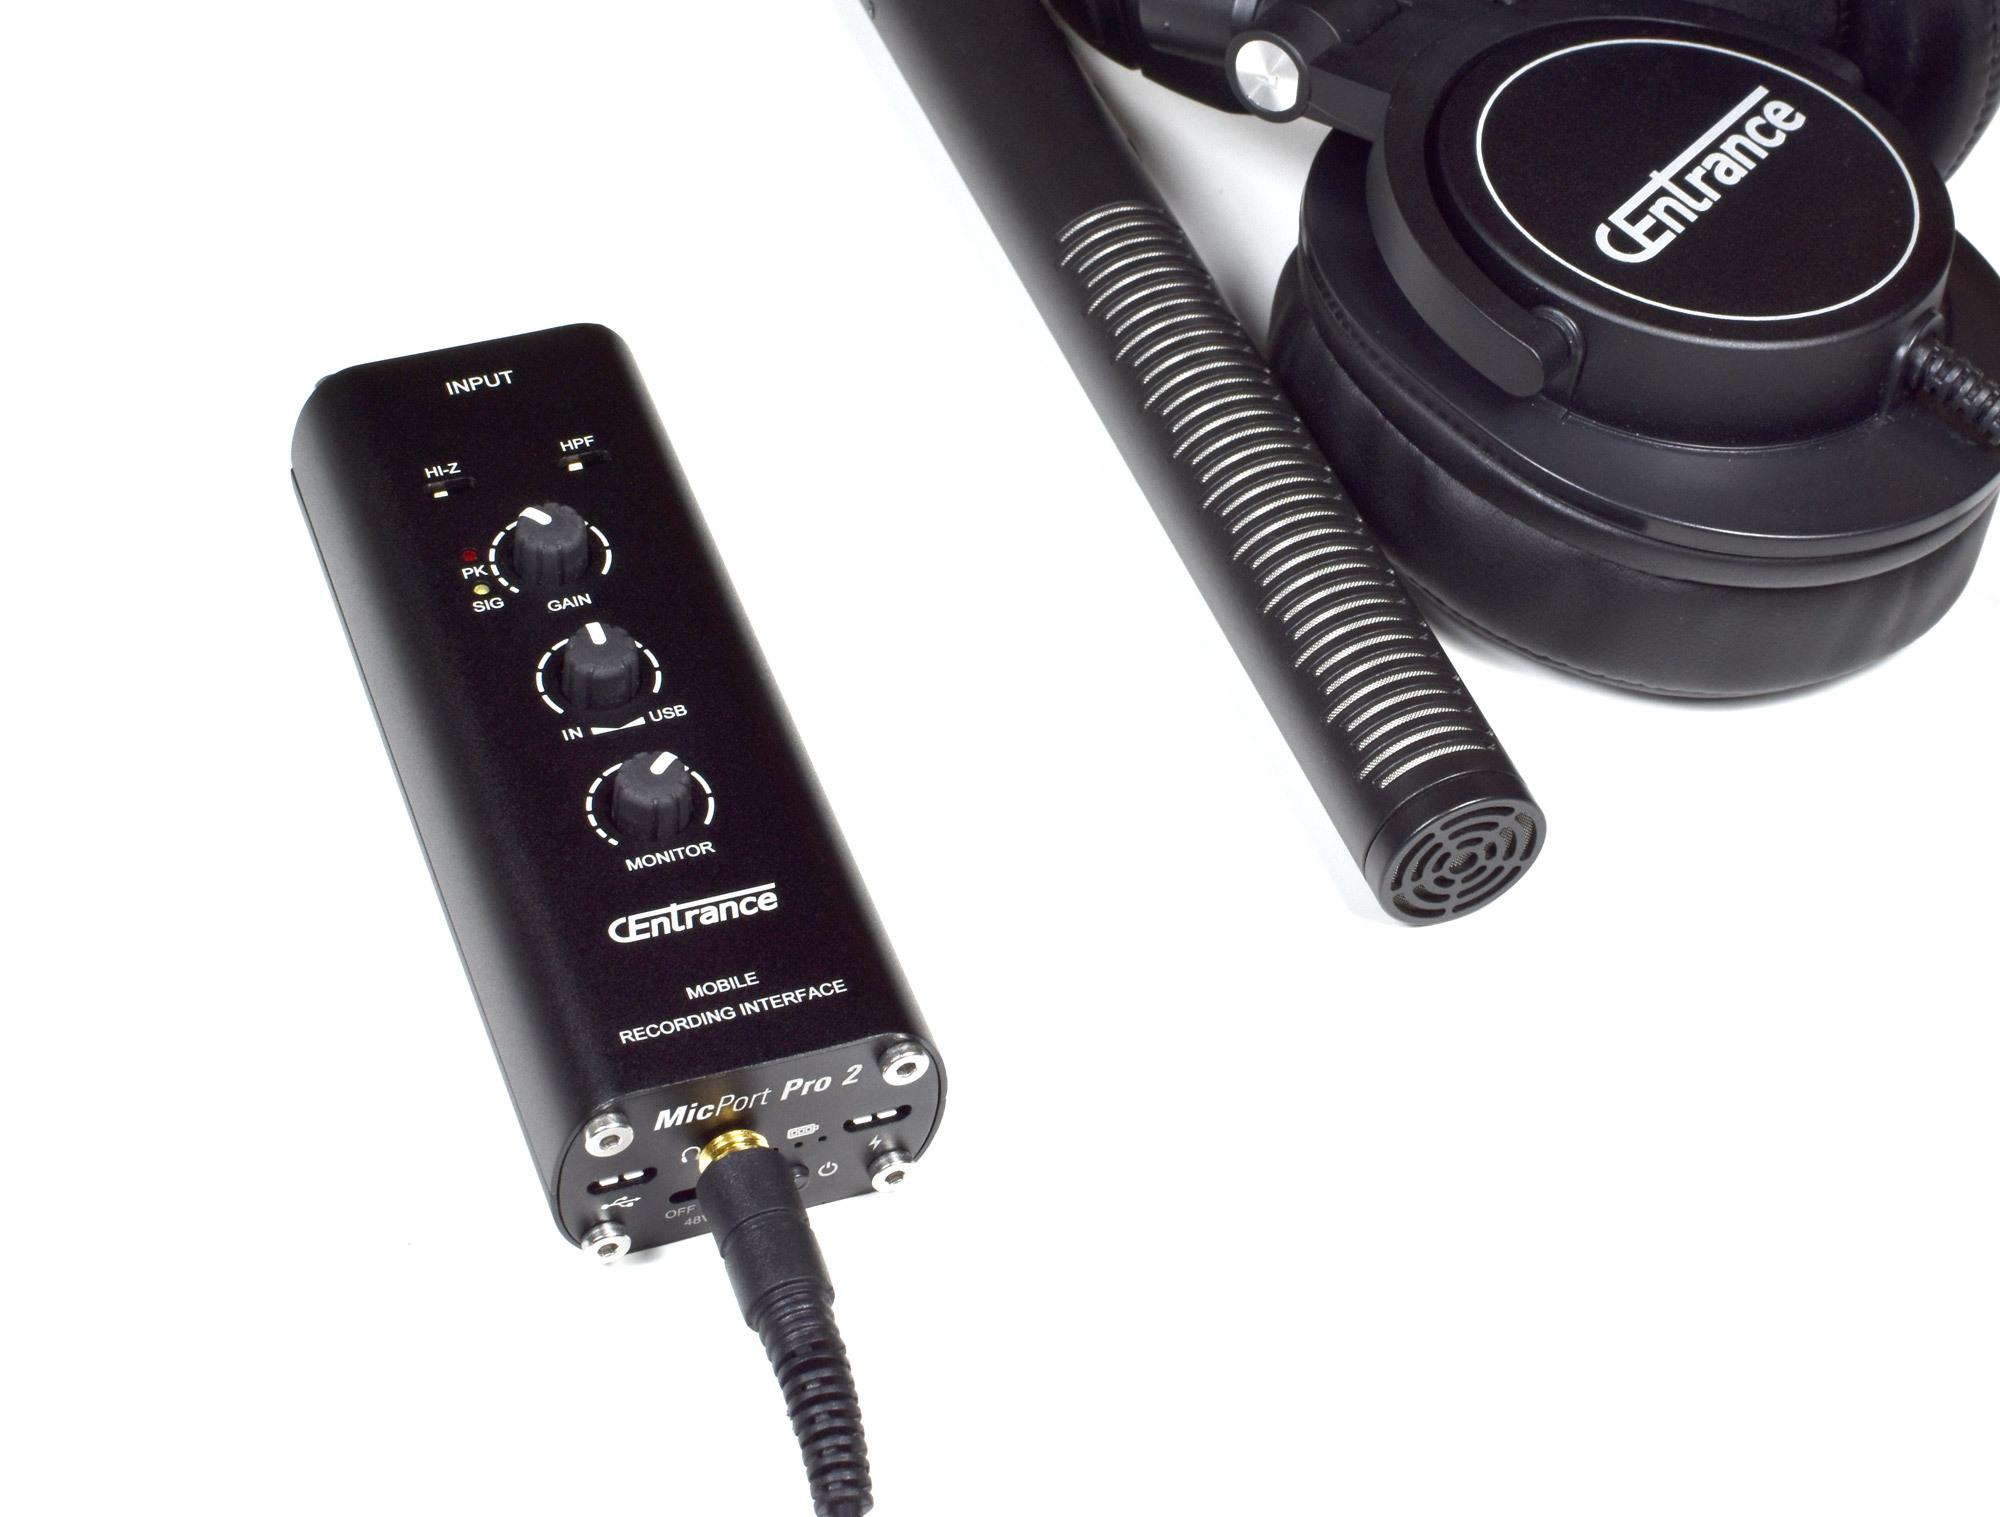 MicPort Pro 2 - USB mic preamp